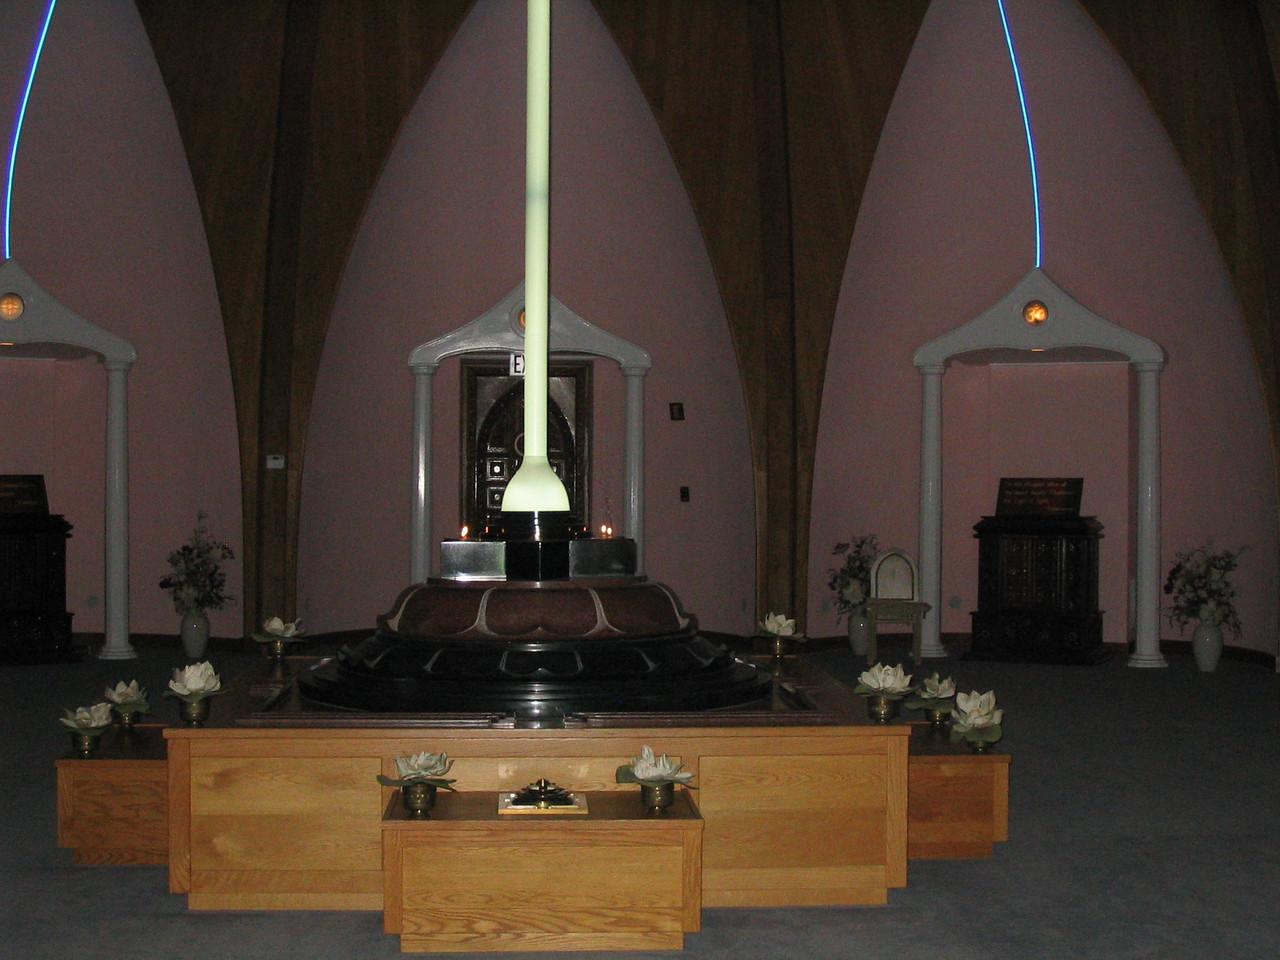 The Central Light of all Faiths.  LOTUS, Yogaville, Buckingham, VA.